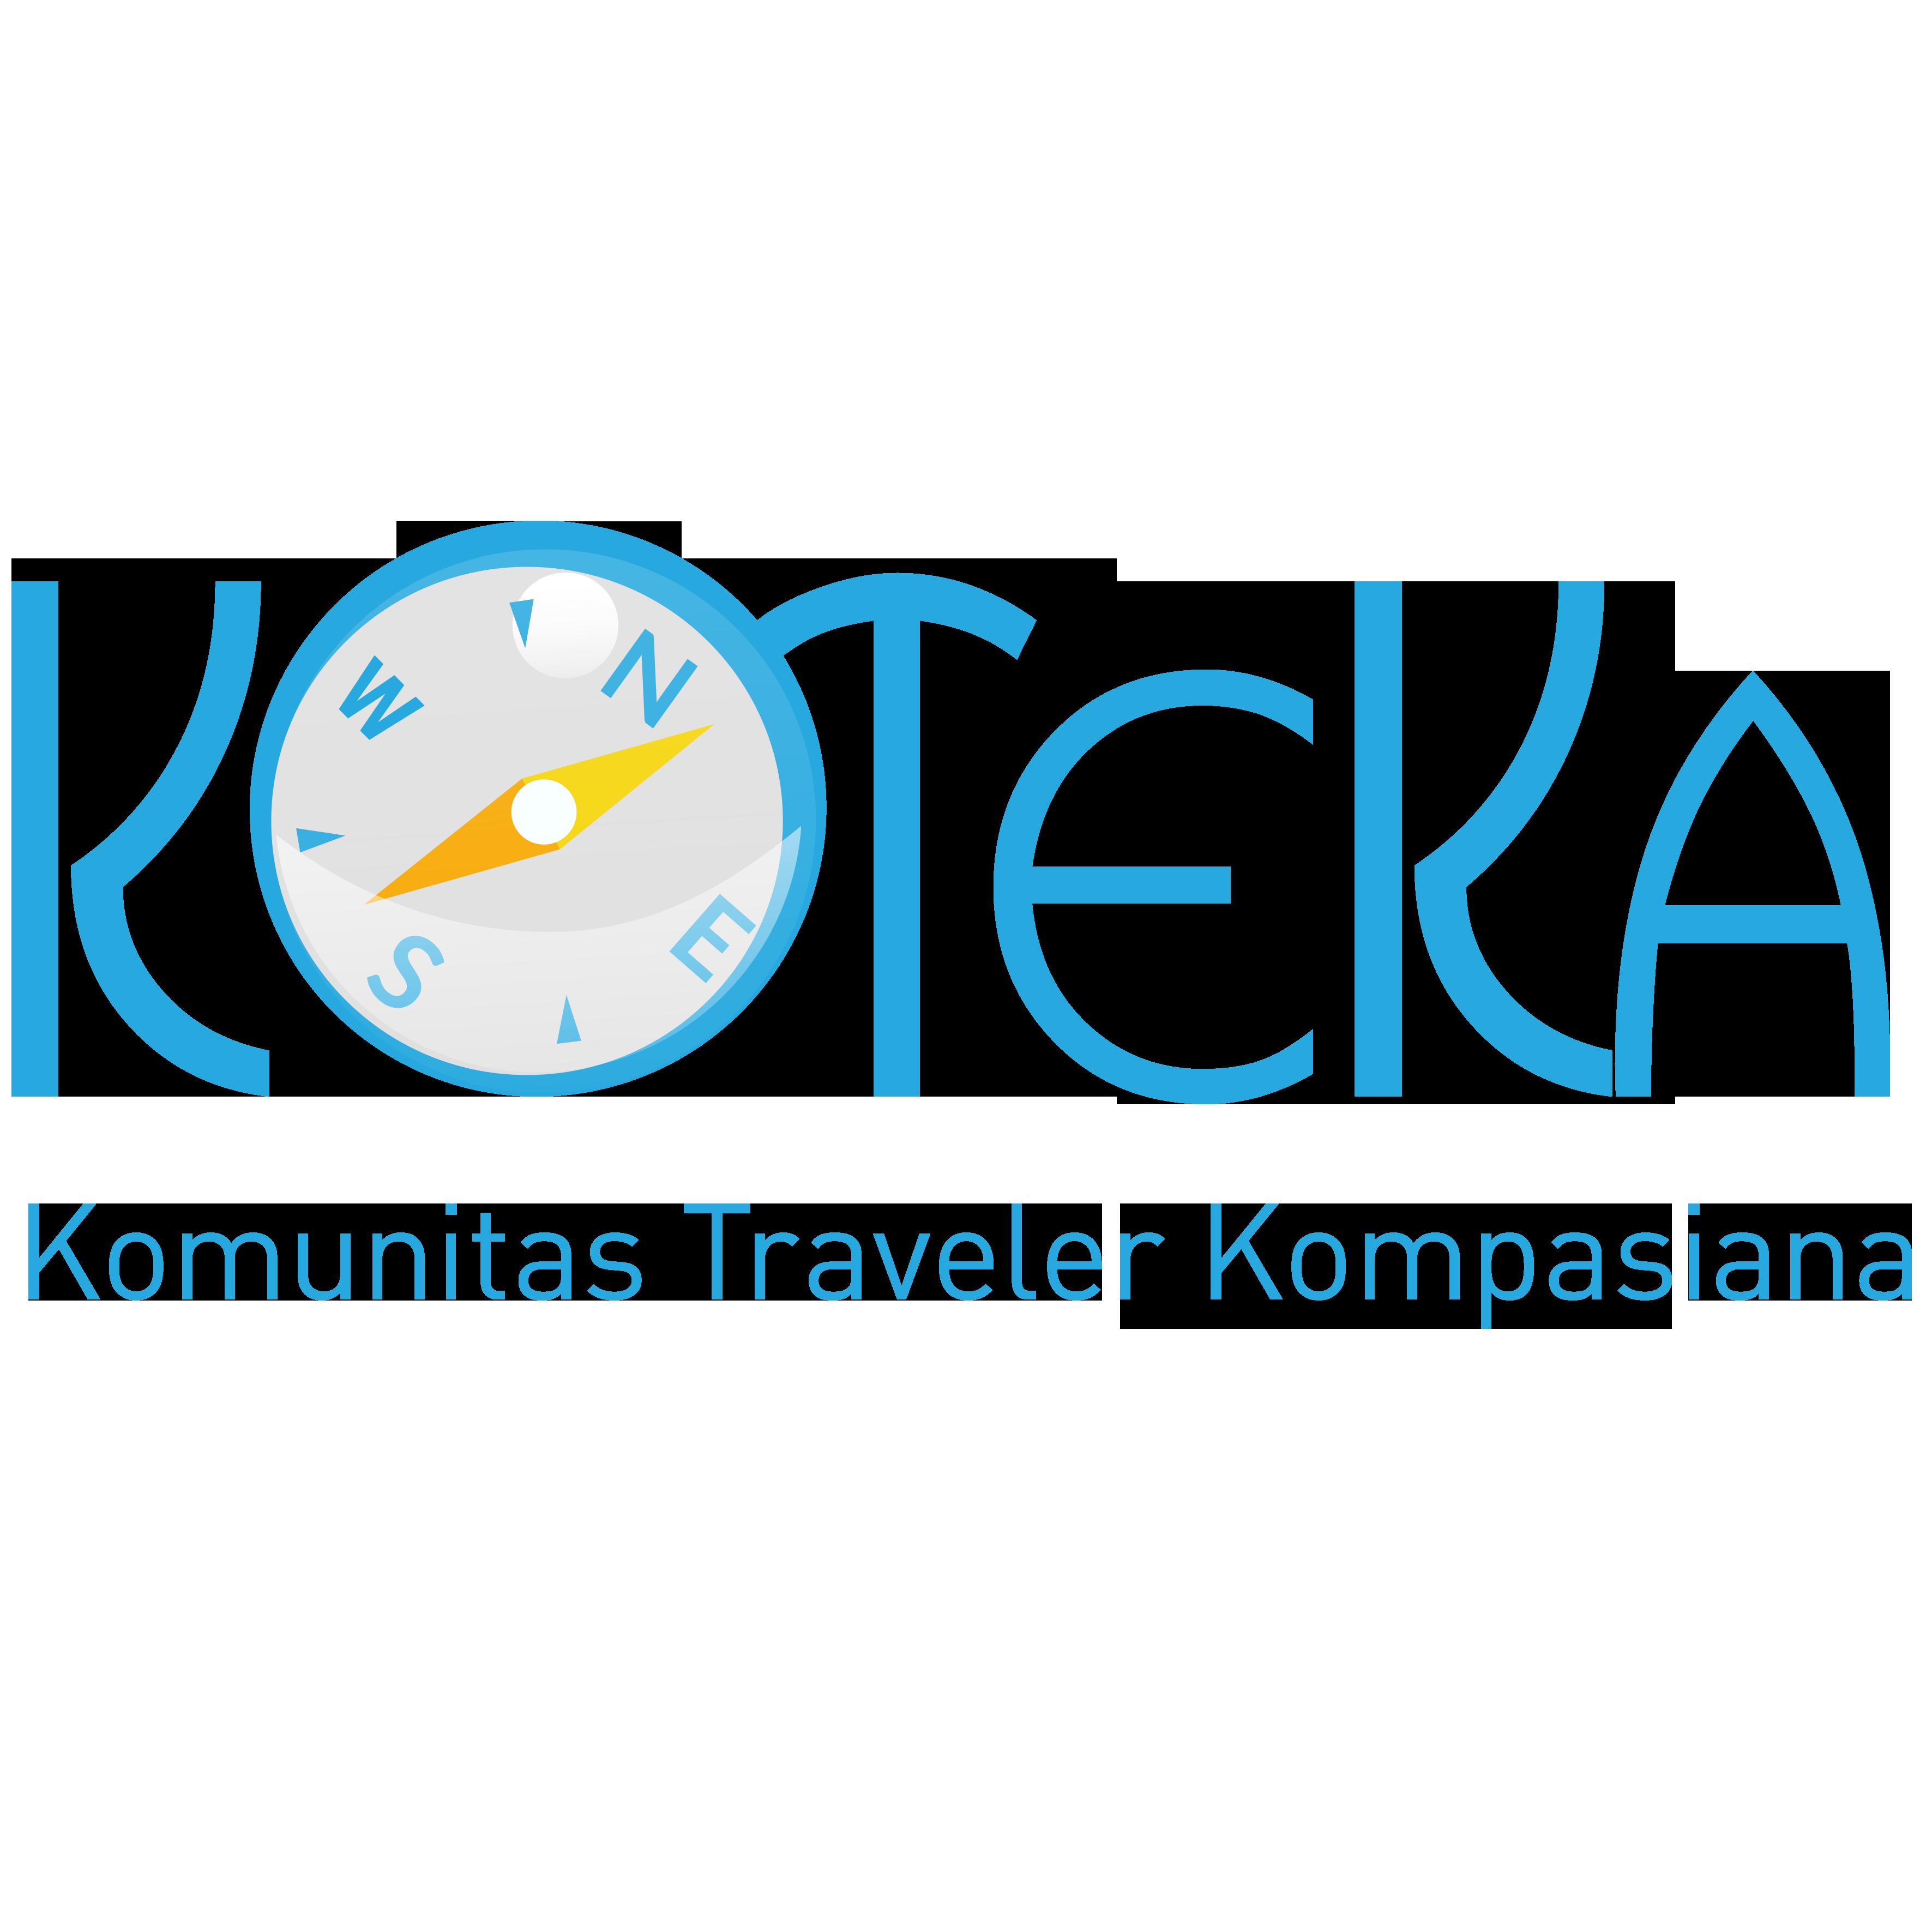 items/kaleidoskop_2019/8-koteka-1577687898.png